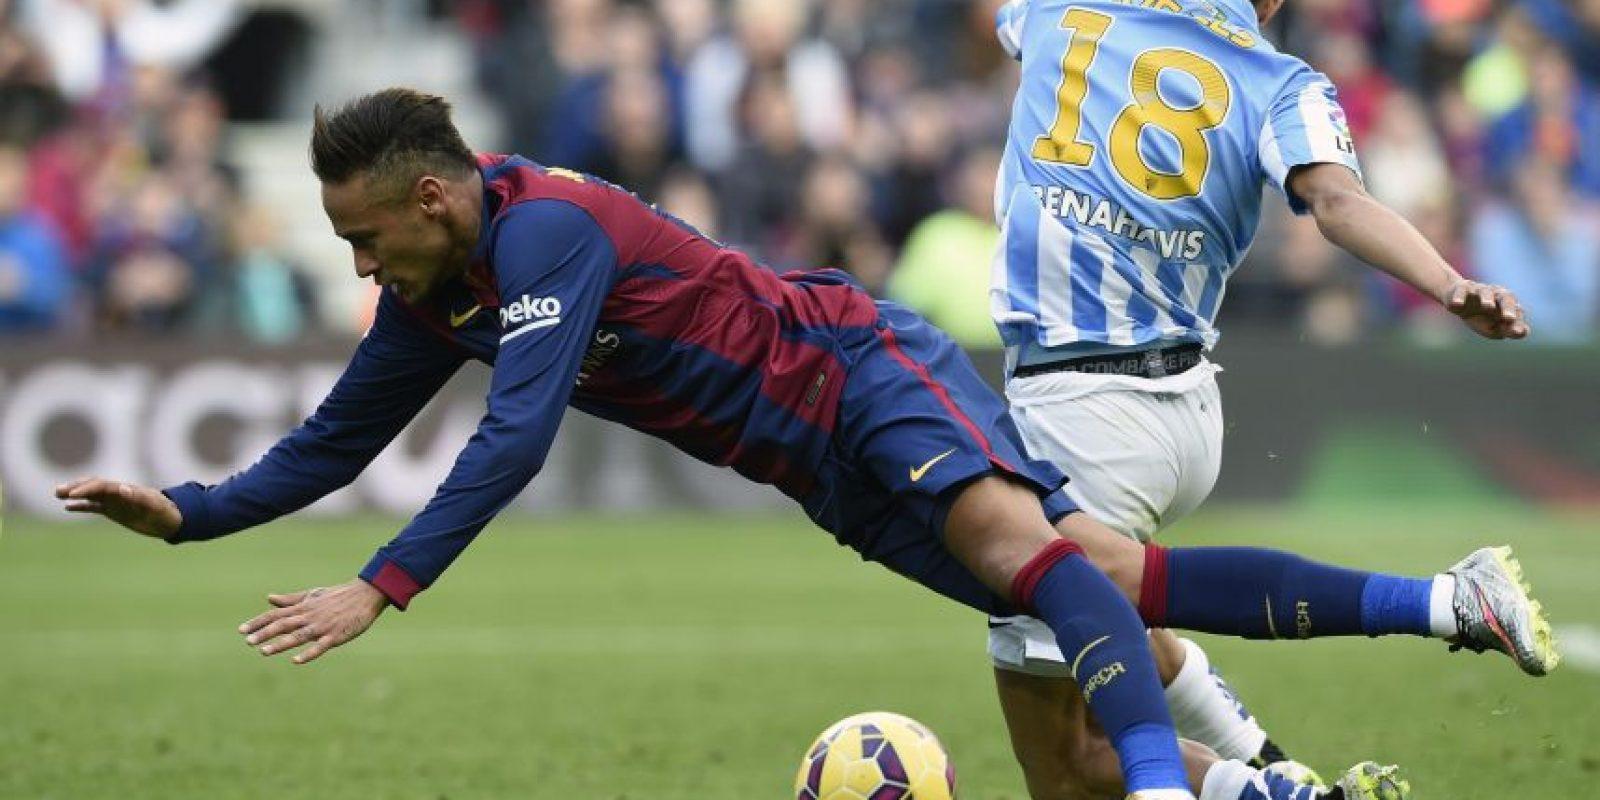 Neymar va al piso tras una fuerte acción.